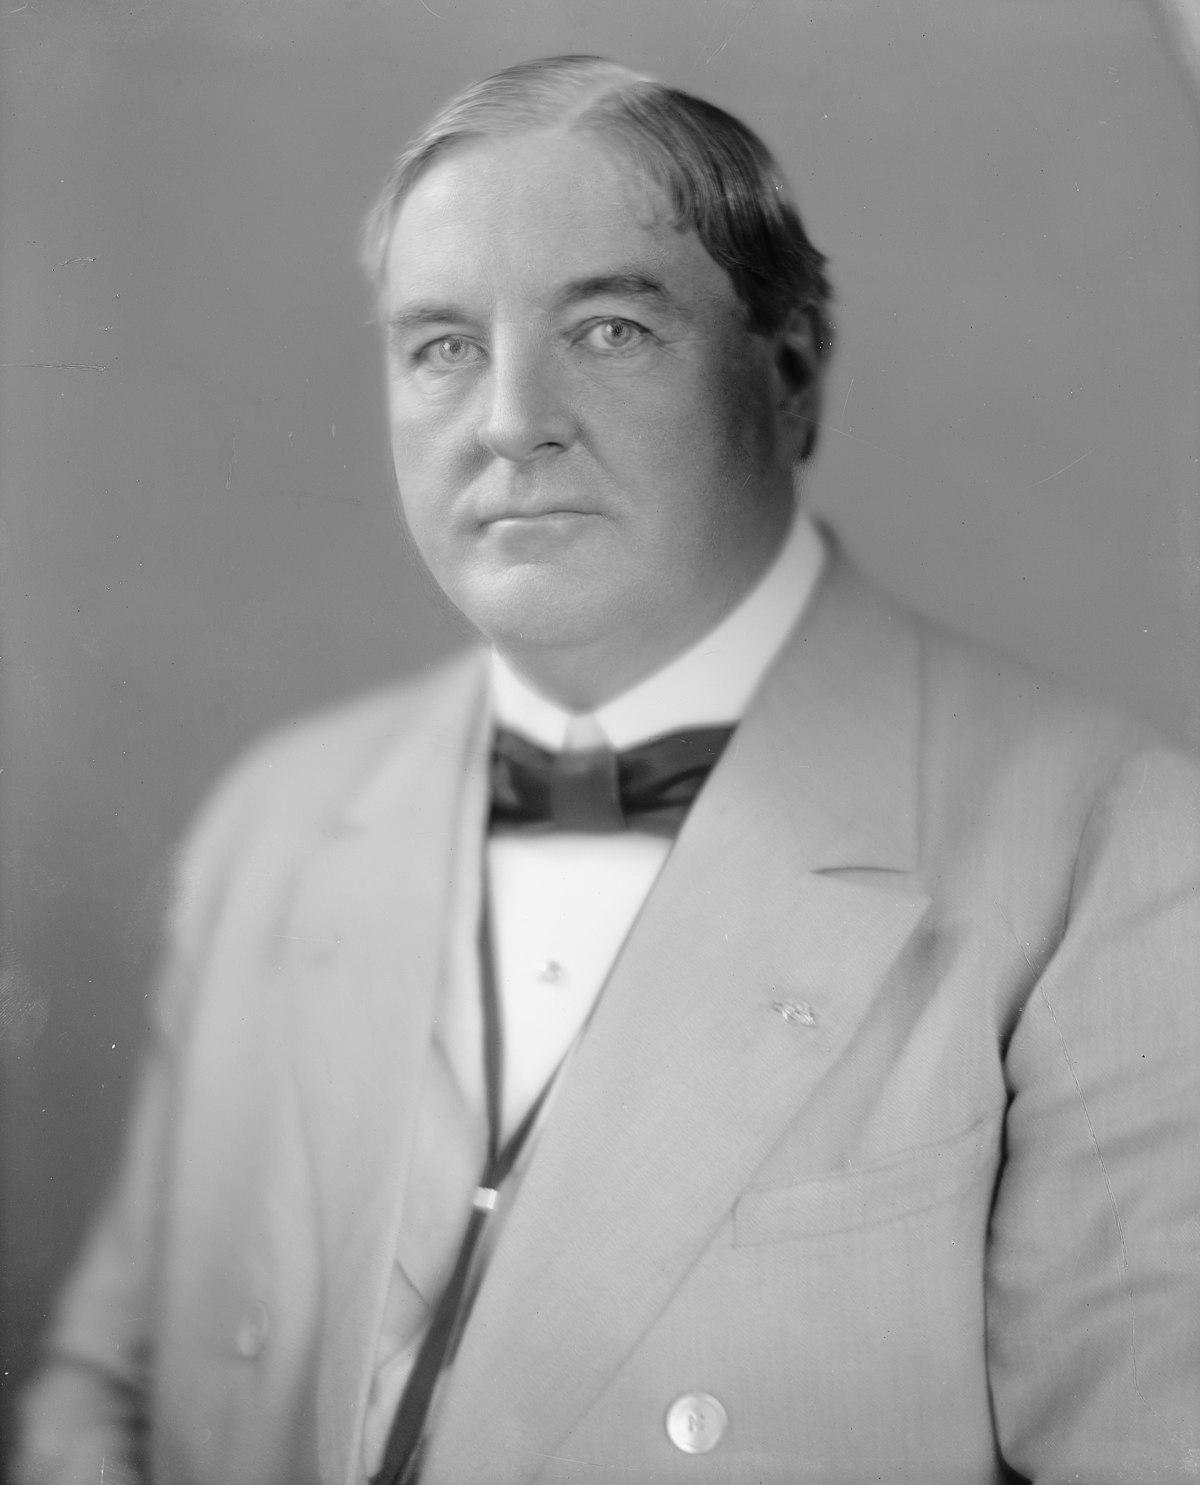 James Thomas Heflin - Wikipedia